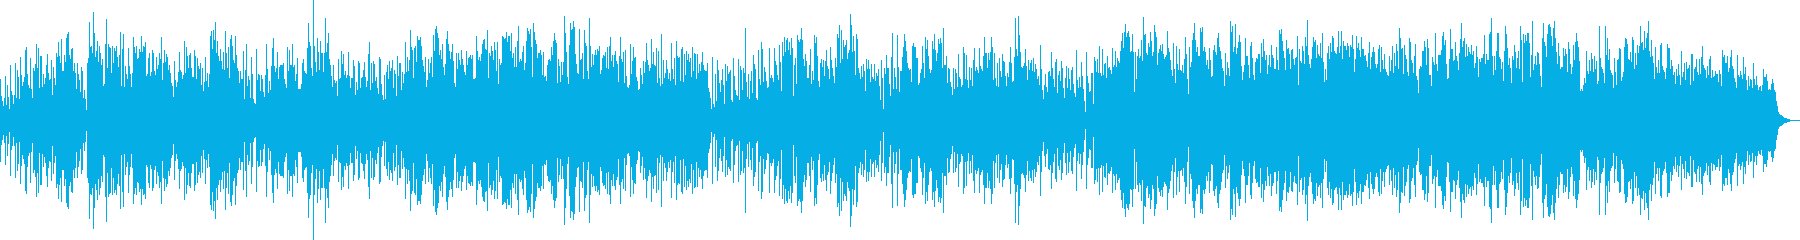 優しくほのぼのと奏でるジャズ・ボッサの再生済みの波形